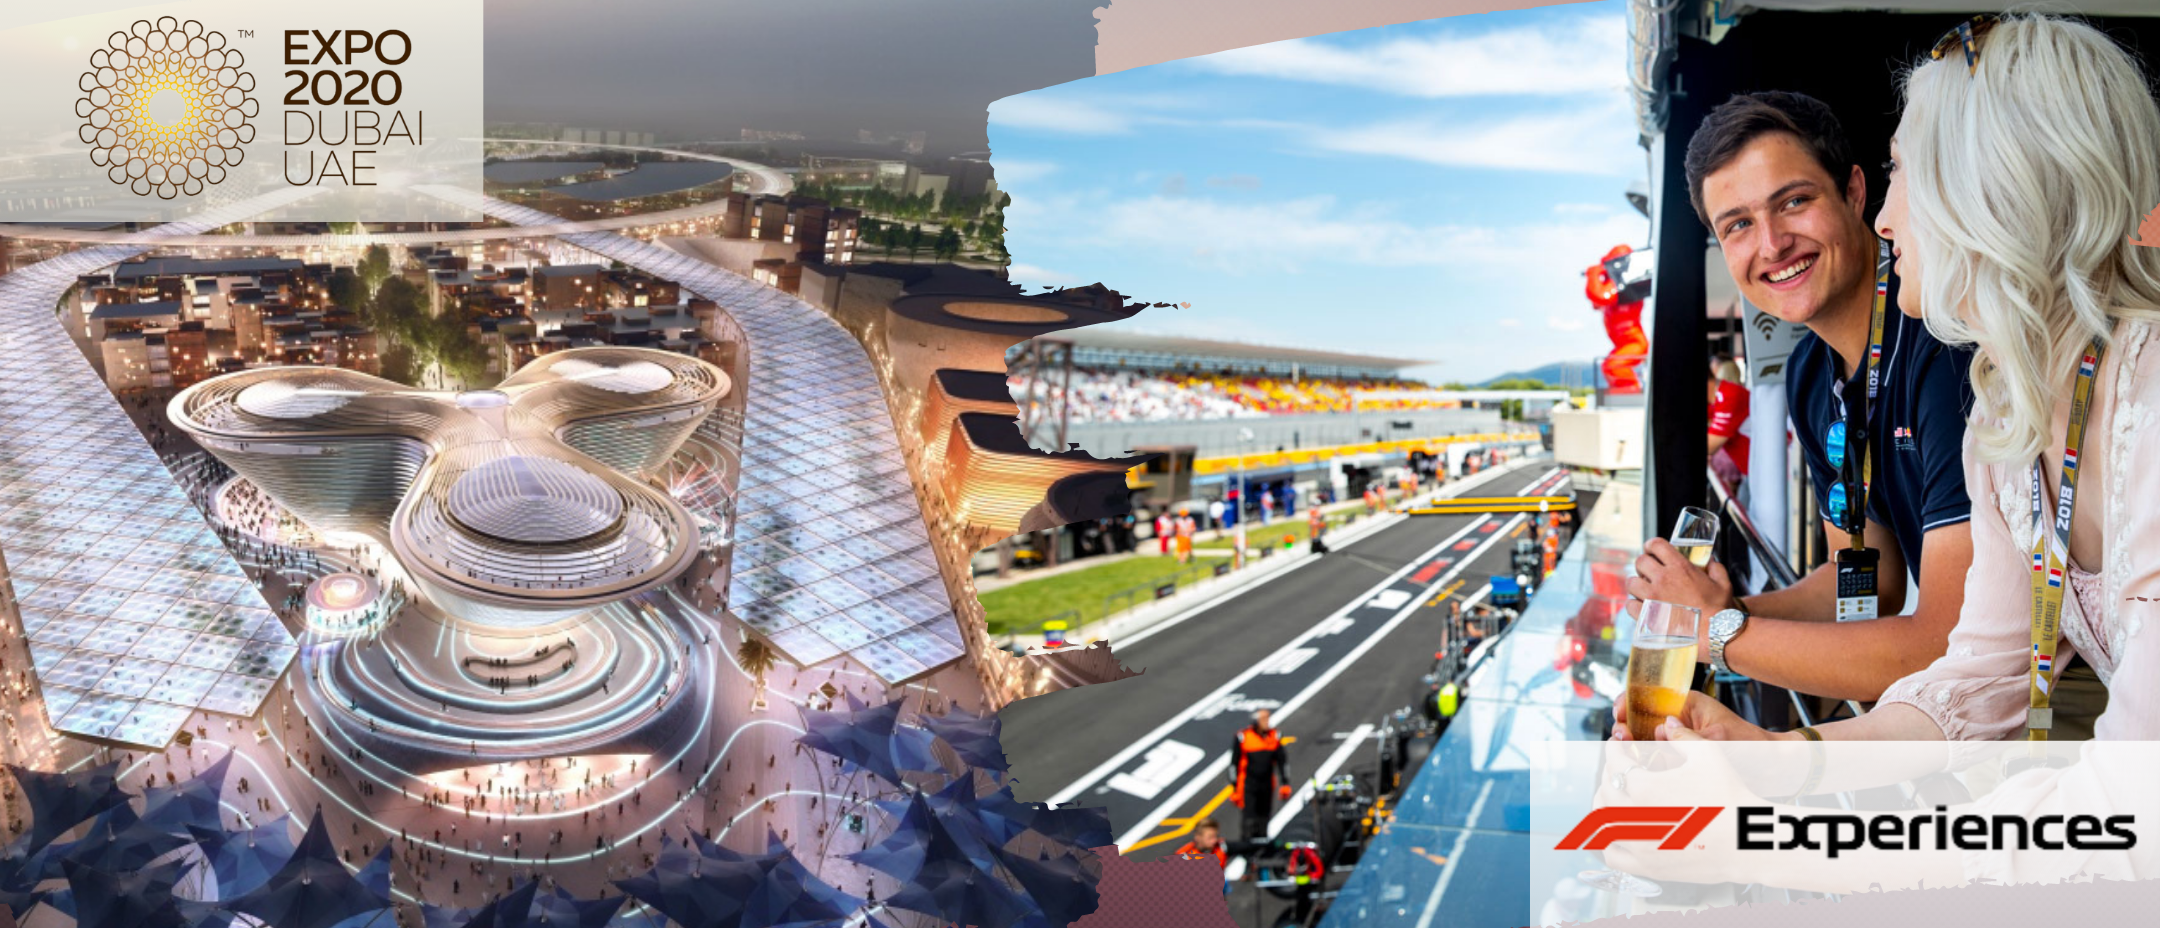 Tour Emirati Expo + F1 Experience